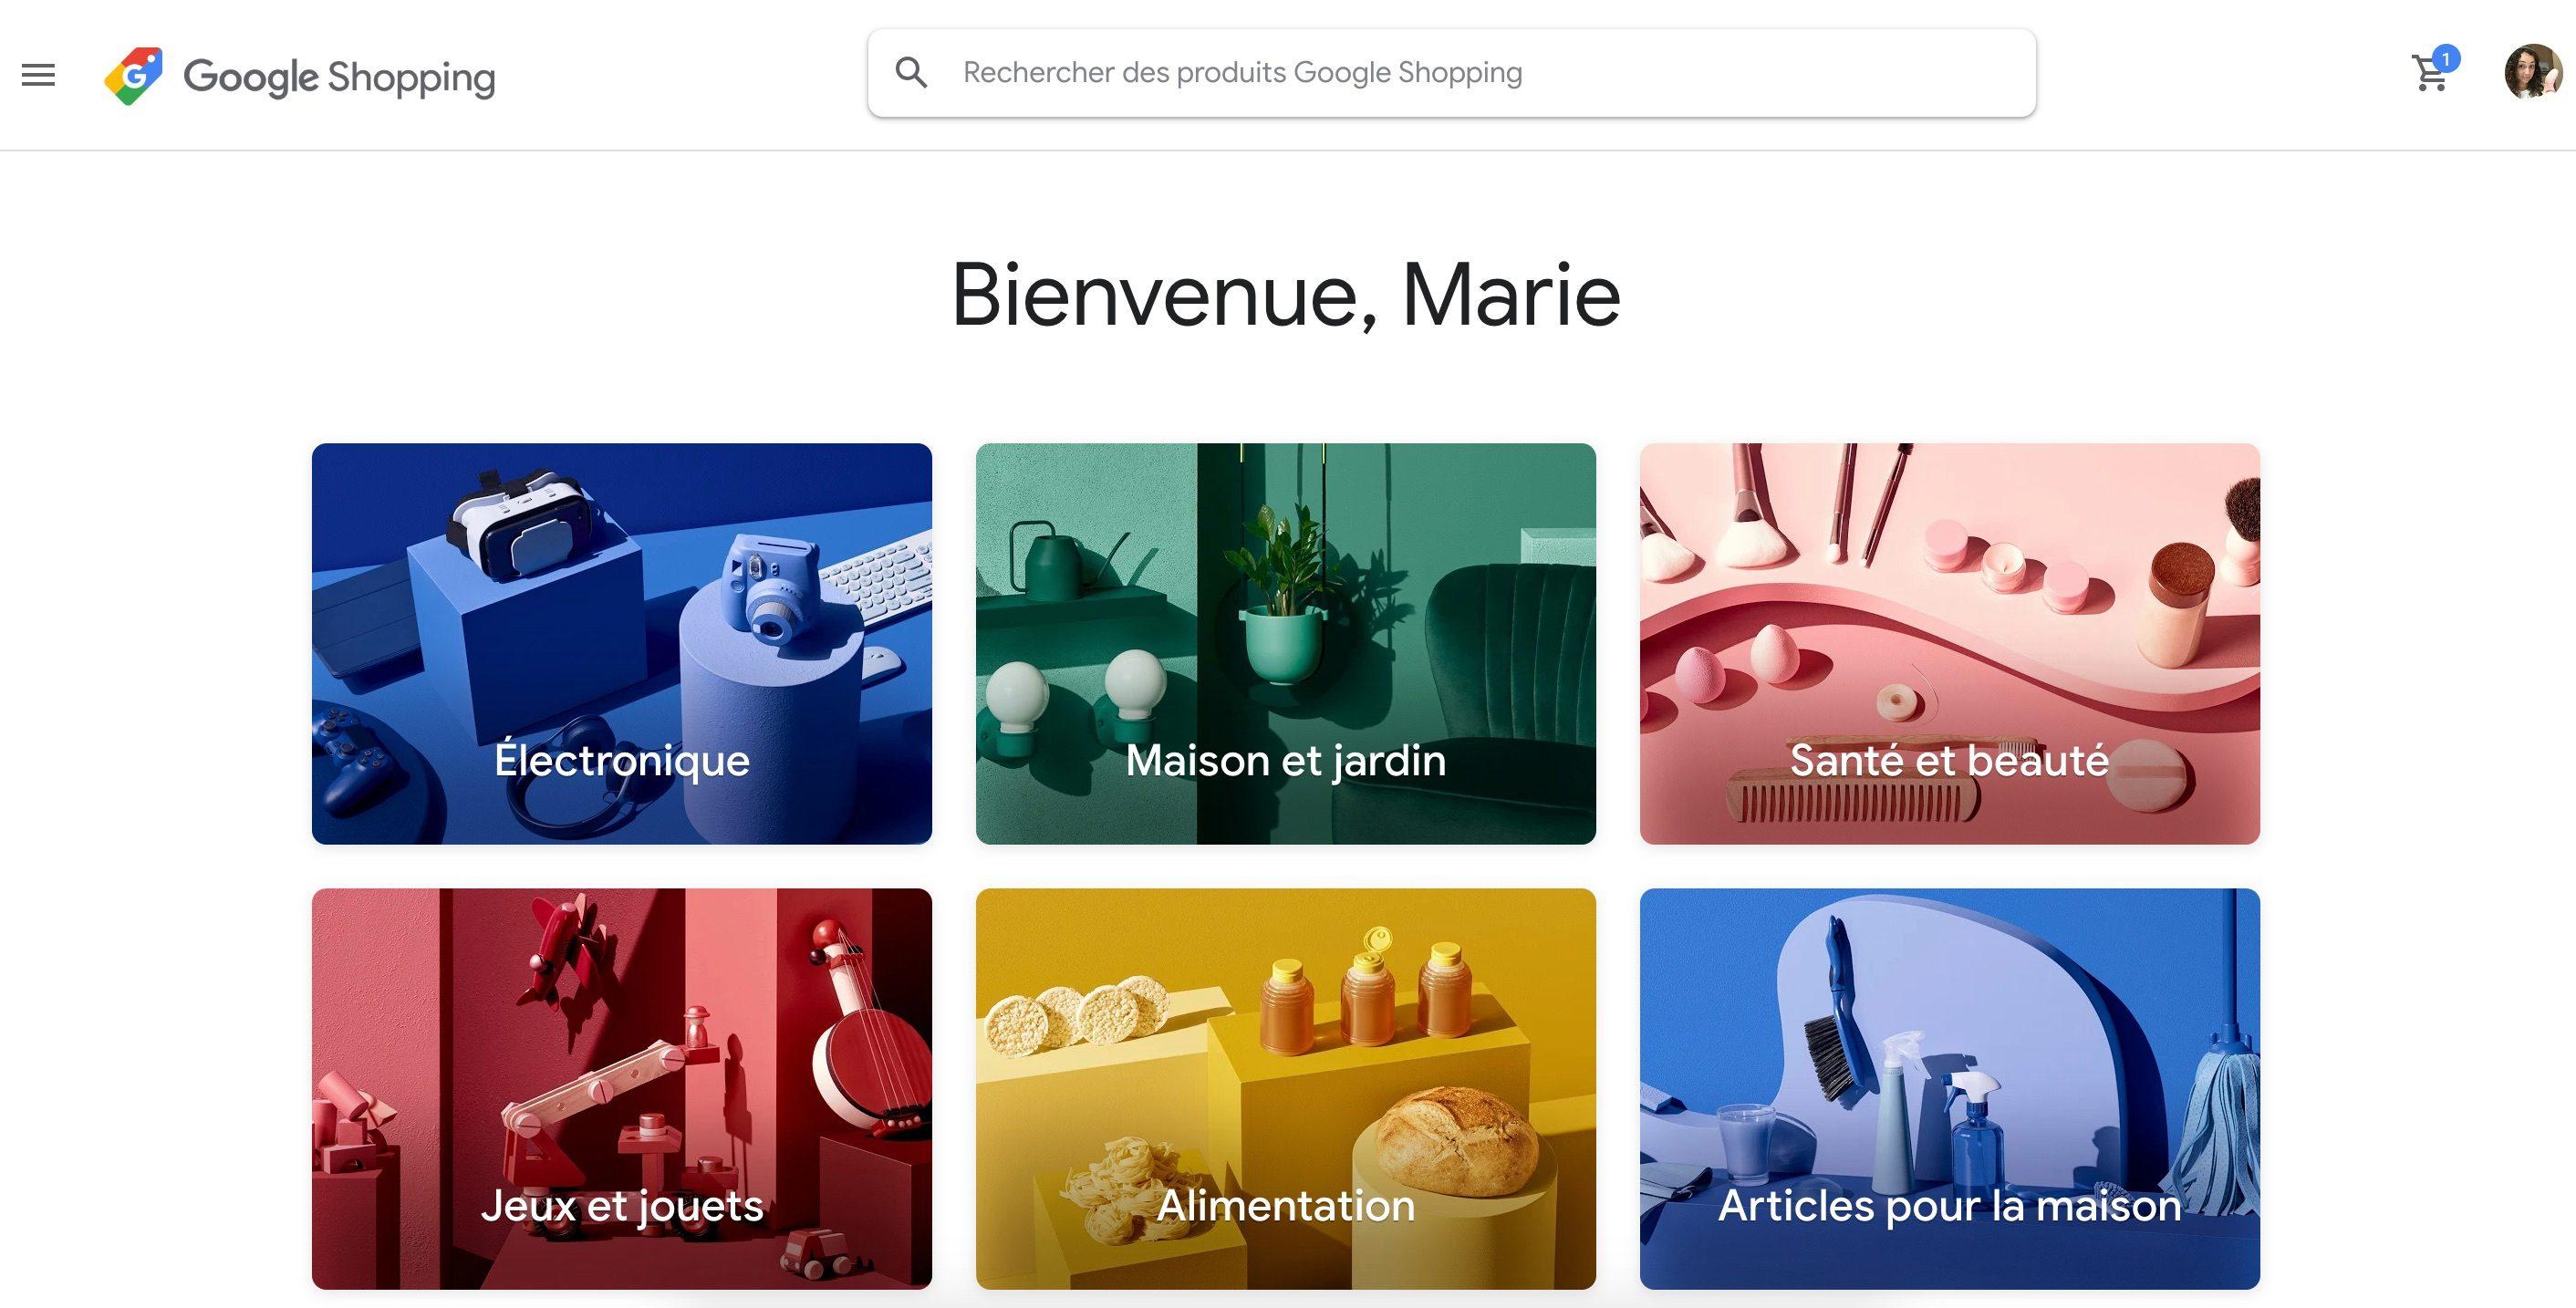 La nuova homepage di Google Shopping personalizzata è in